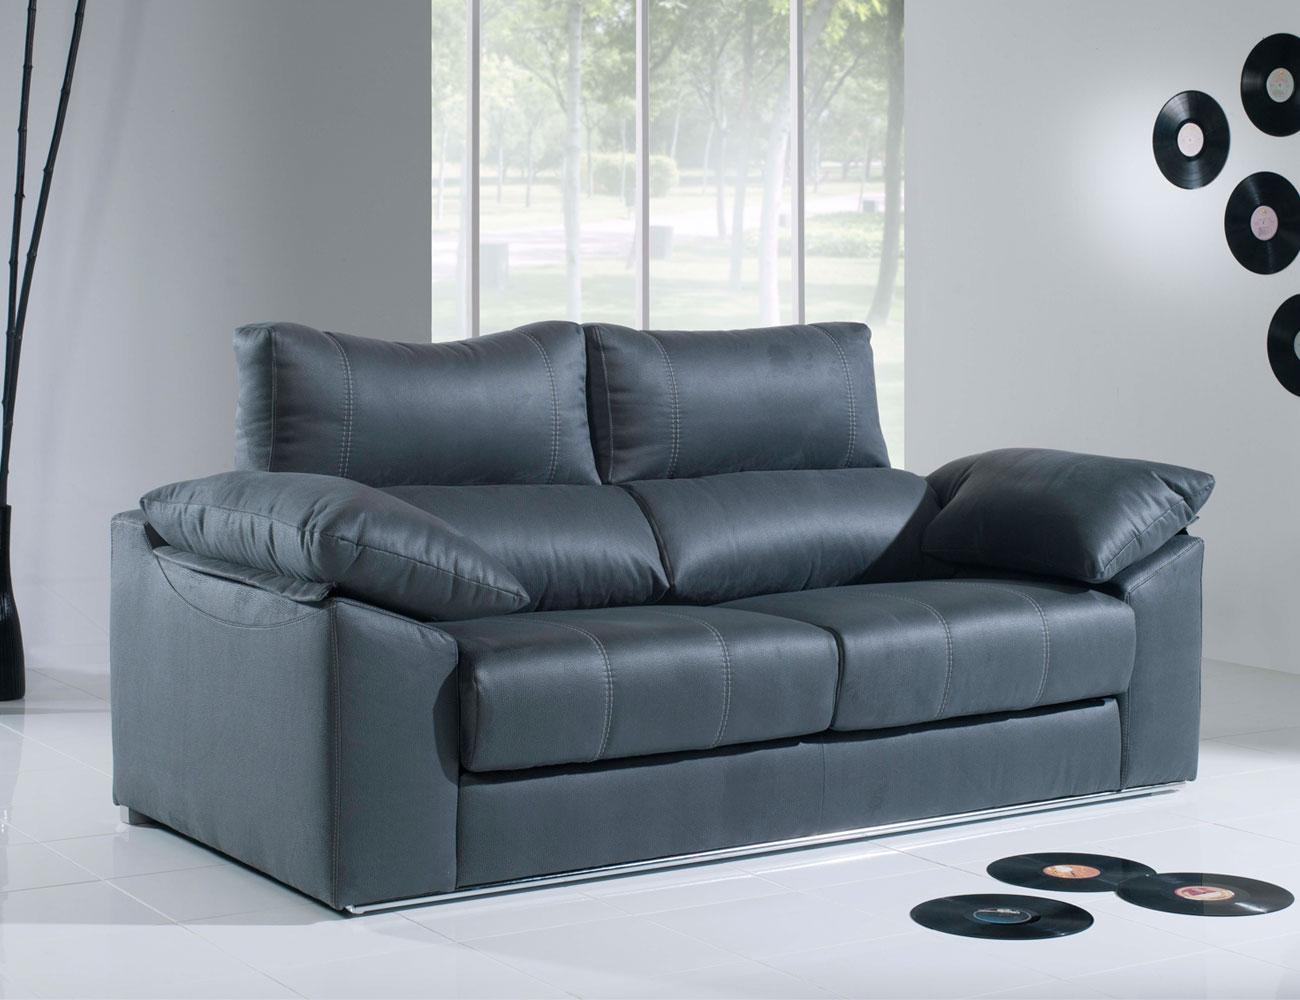 Sofa 3 plazas moderno con barra1